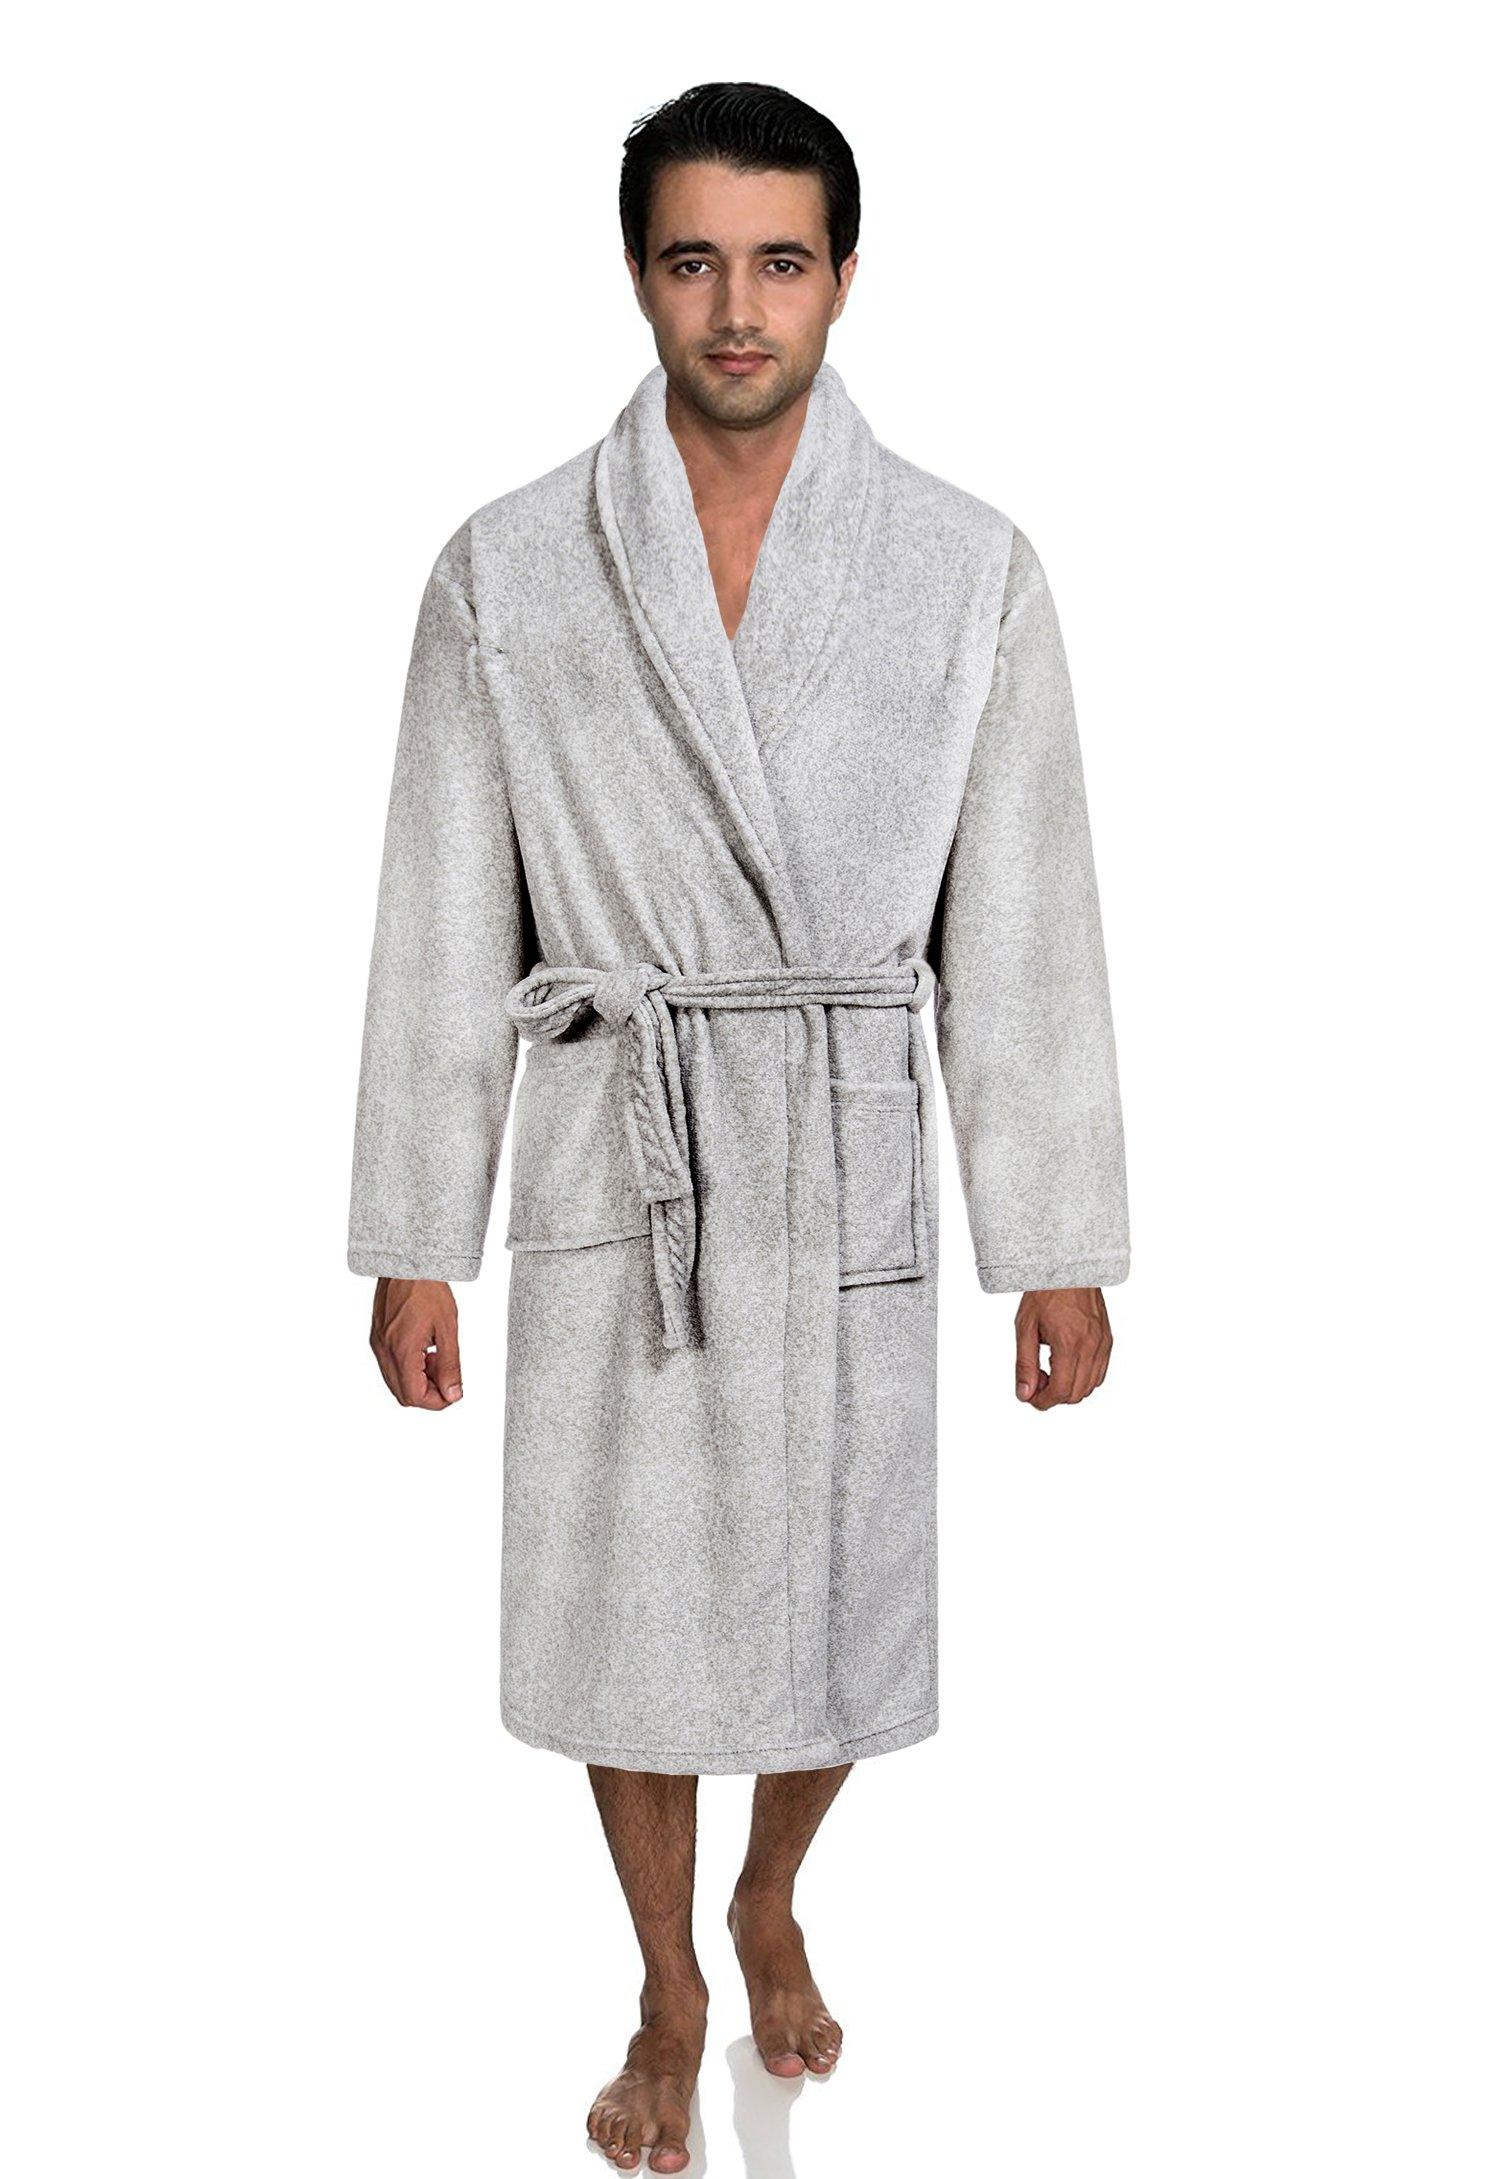 Ataya Men's Robe,Plush Coral Fleece Shawl Collar Kimono Bath Robe,Grey,Medium/Large